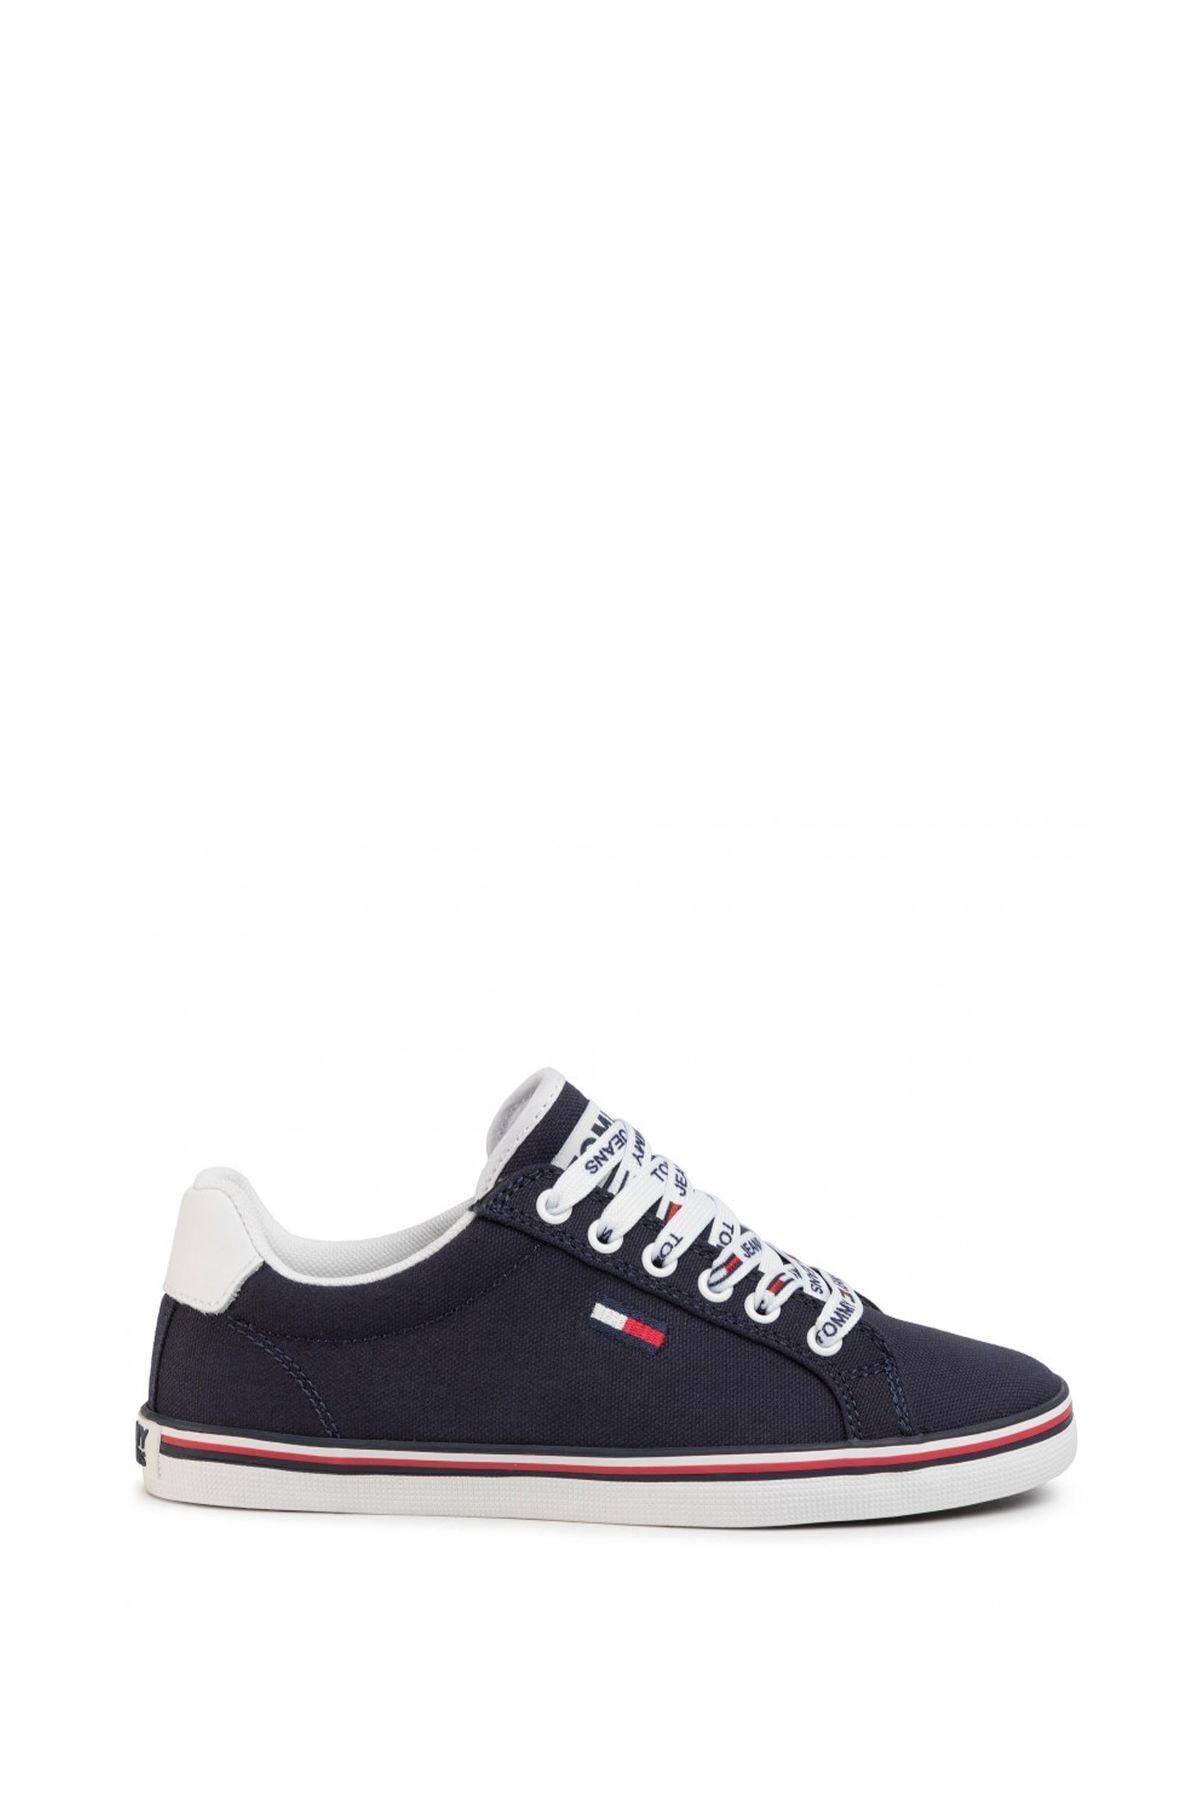 Tommy Hilfiger Kadın Essential Lace Up Sneaker Kadın Ayakkabı En0en00786 2